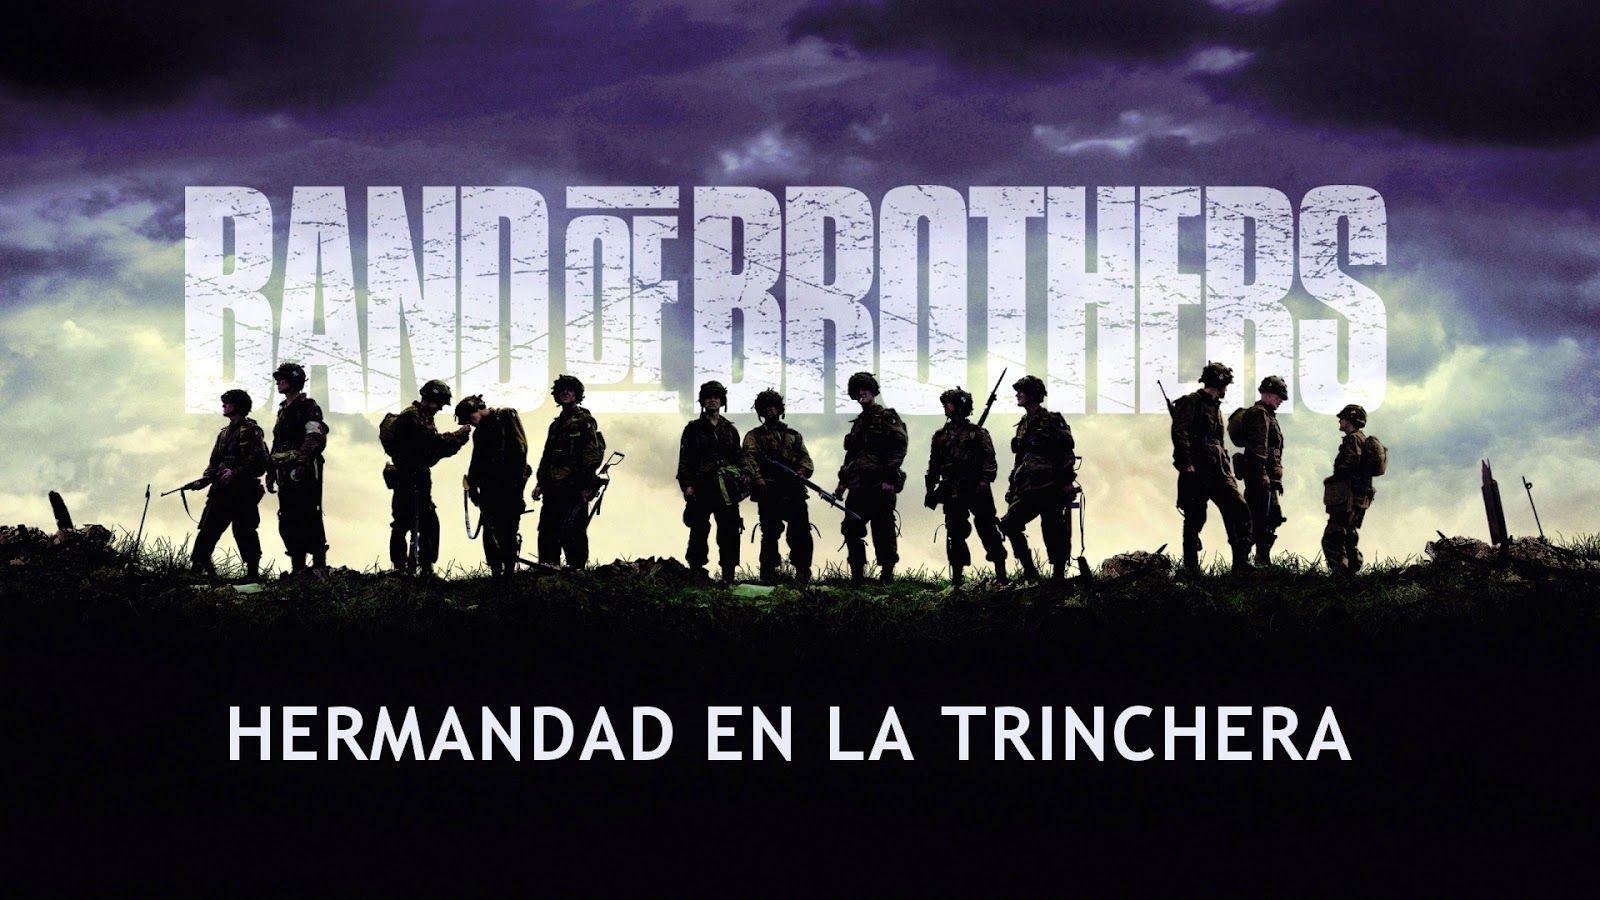 Descarga Ver Online Miniserie Completa Band Of Brother Hermandad En La Trinchera 10 Capitulos Http Hermandad En La Trinchera Banda De Hermanos Hermanas